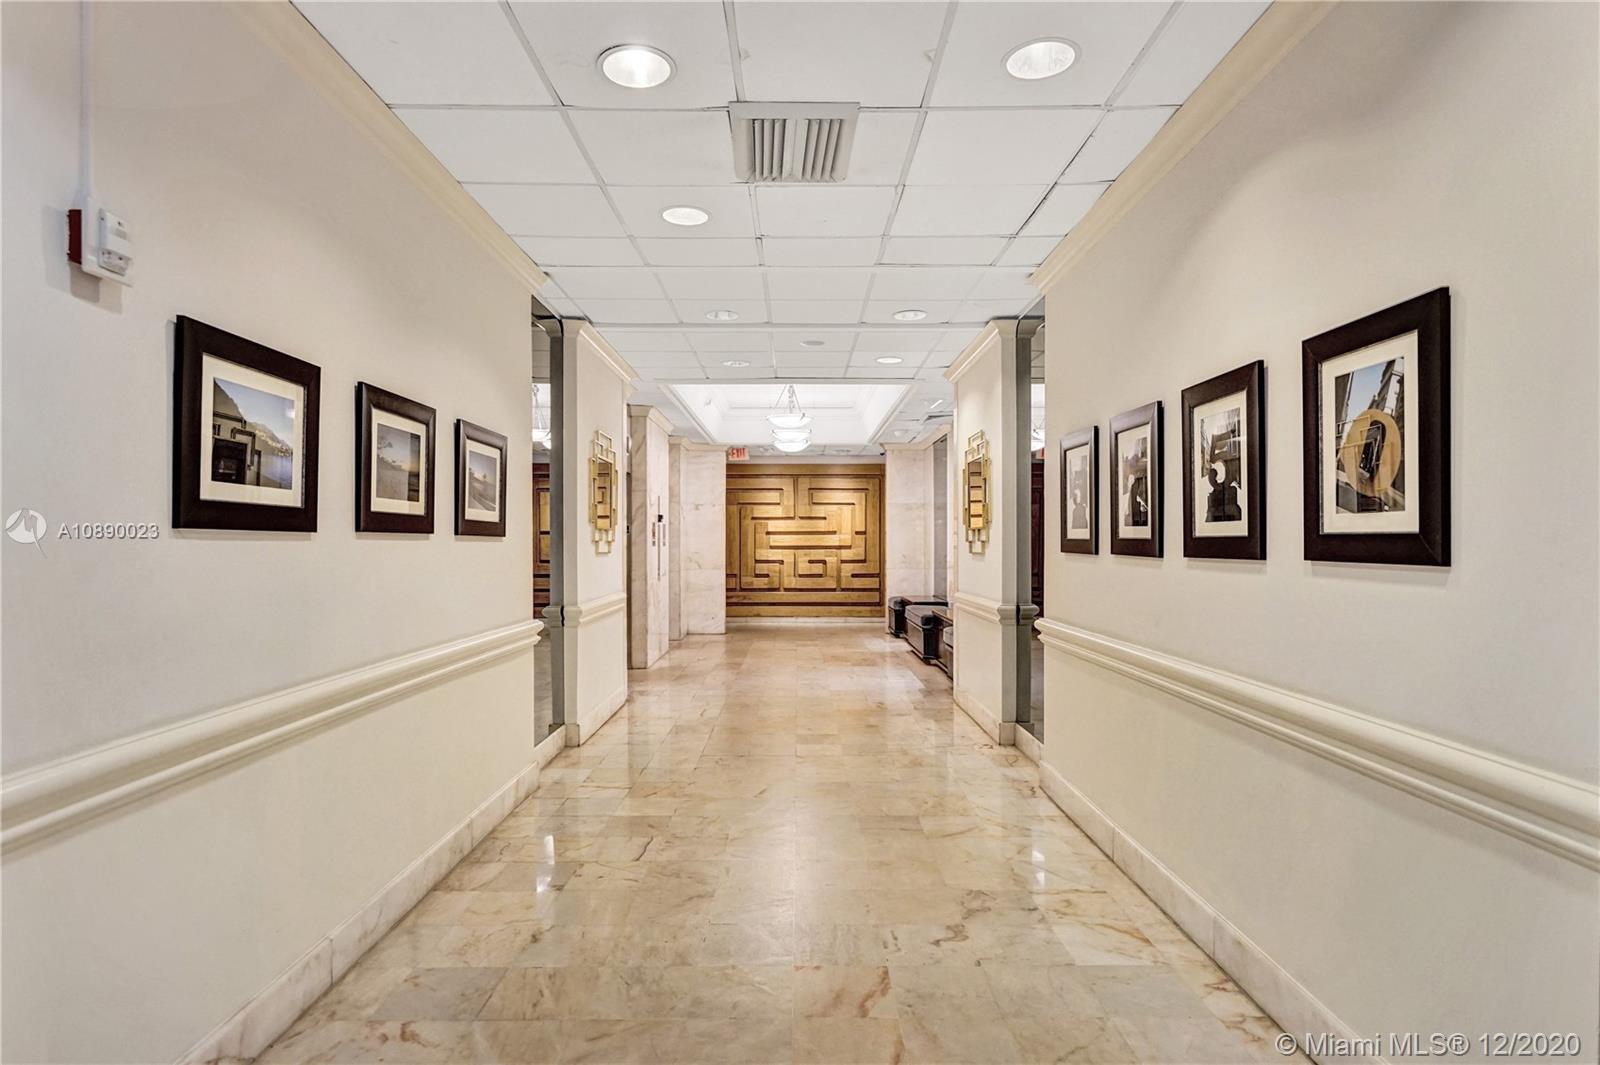 Royal Embassy image #57